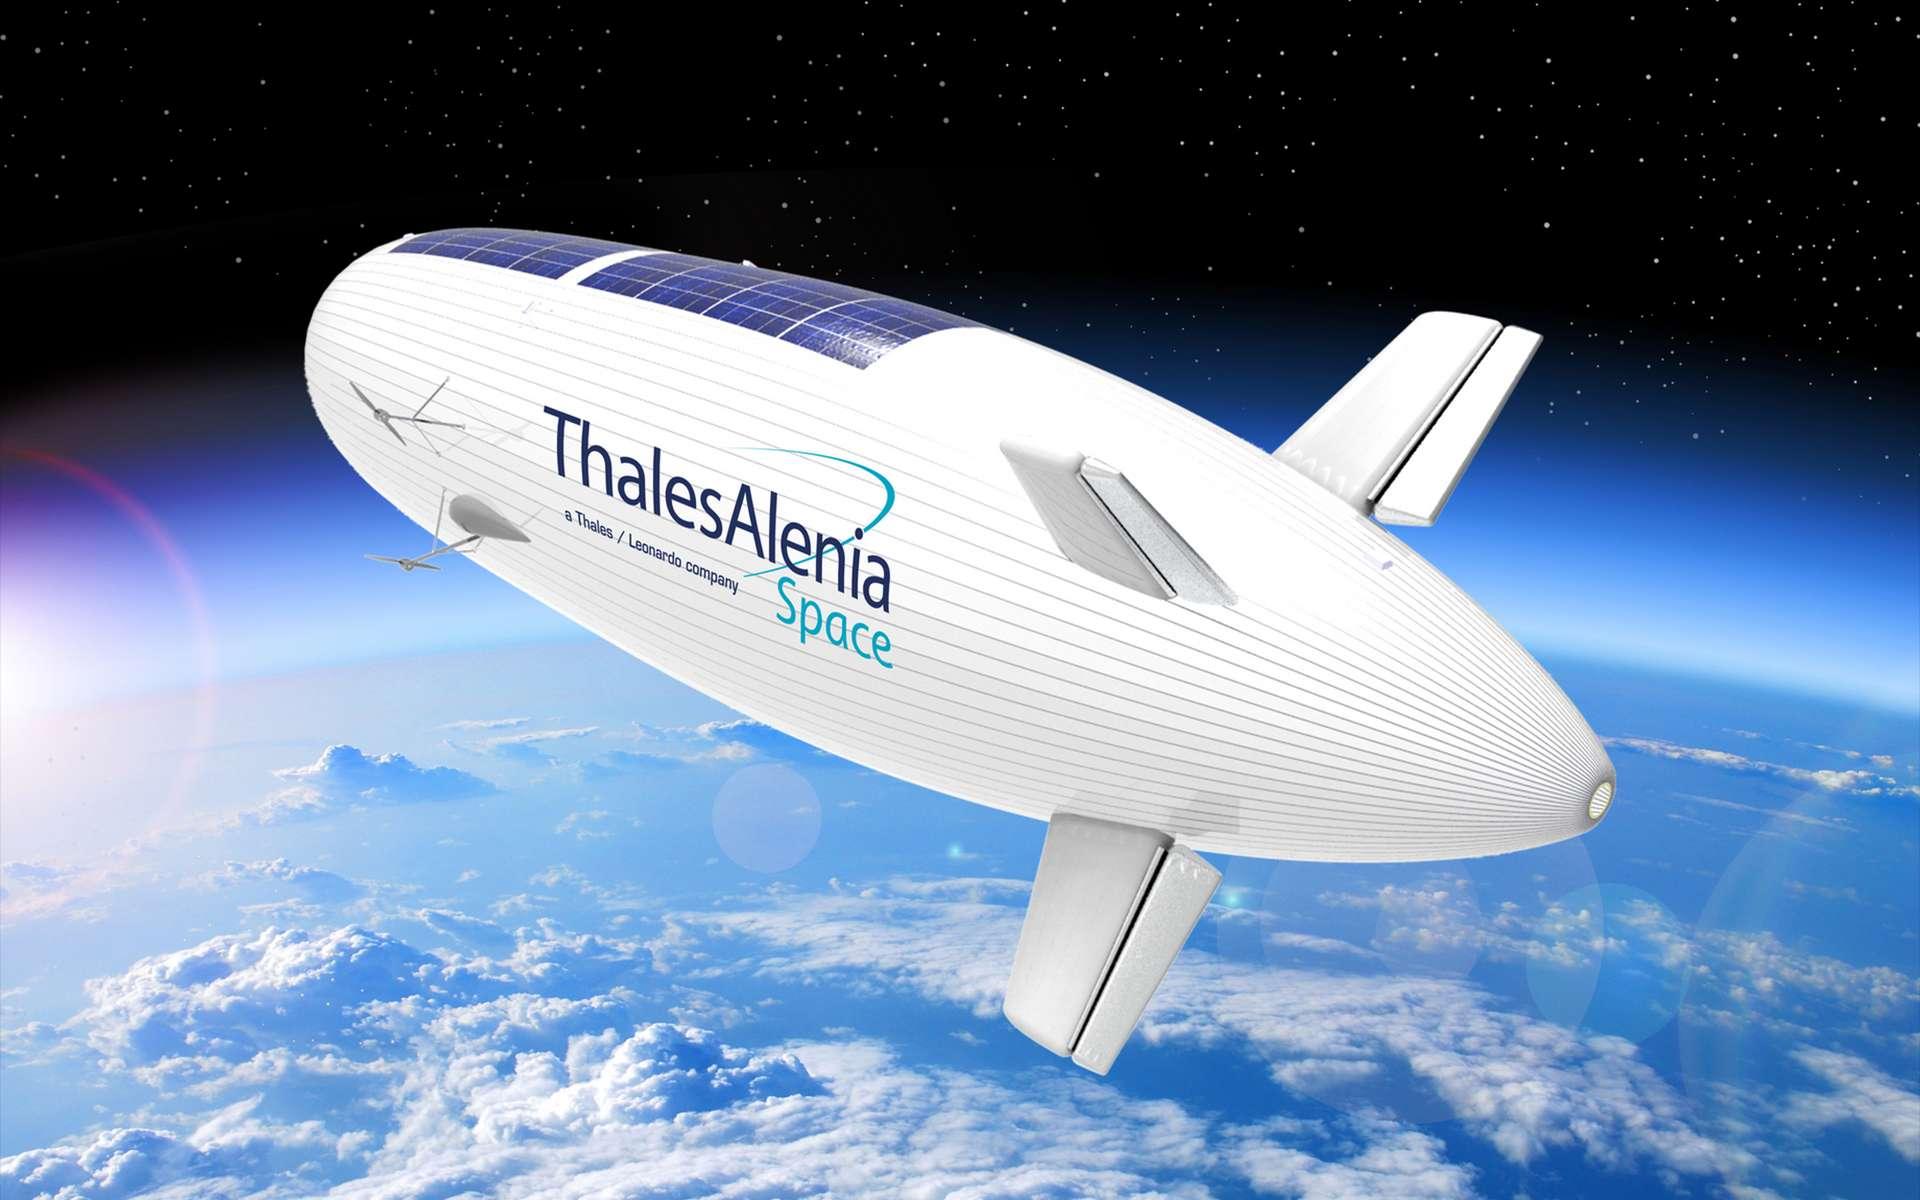 Stratobus, le dirigeable stratosphérique de Thales Alenia Space, peut être vu comme le « chaînon manquant » entre les drones et les satellites. © Thales Alenia Space